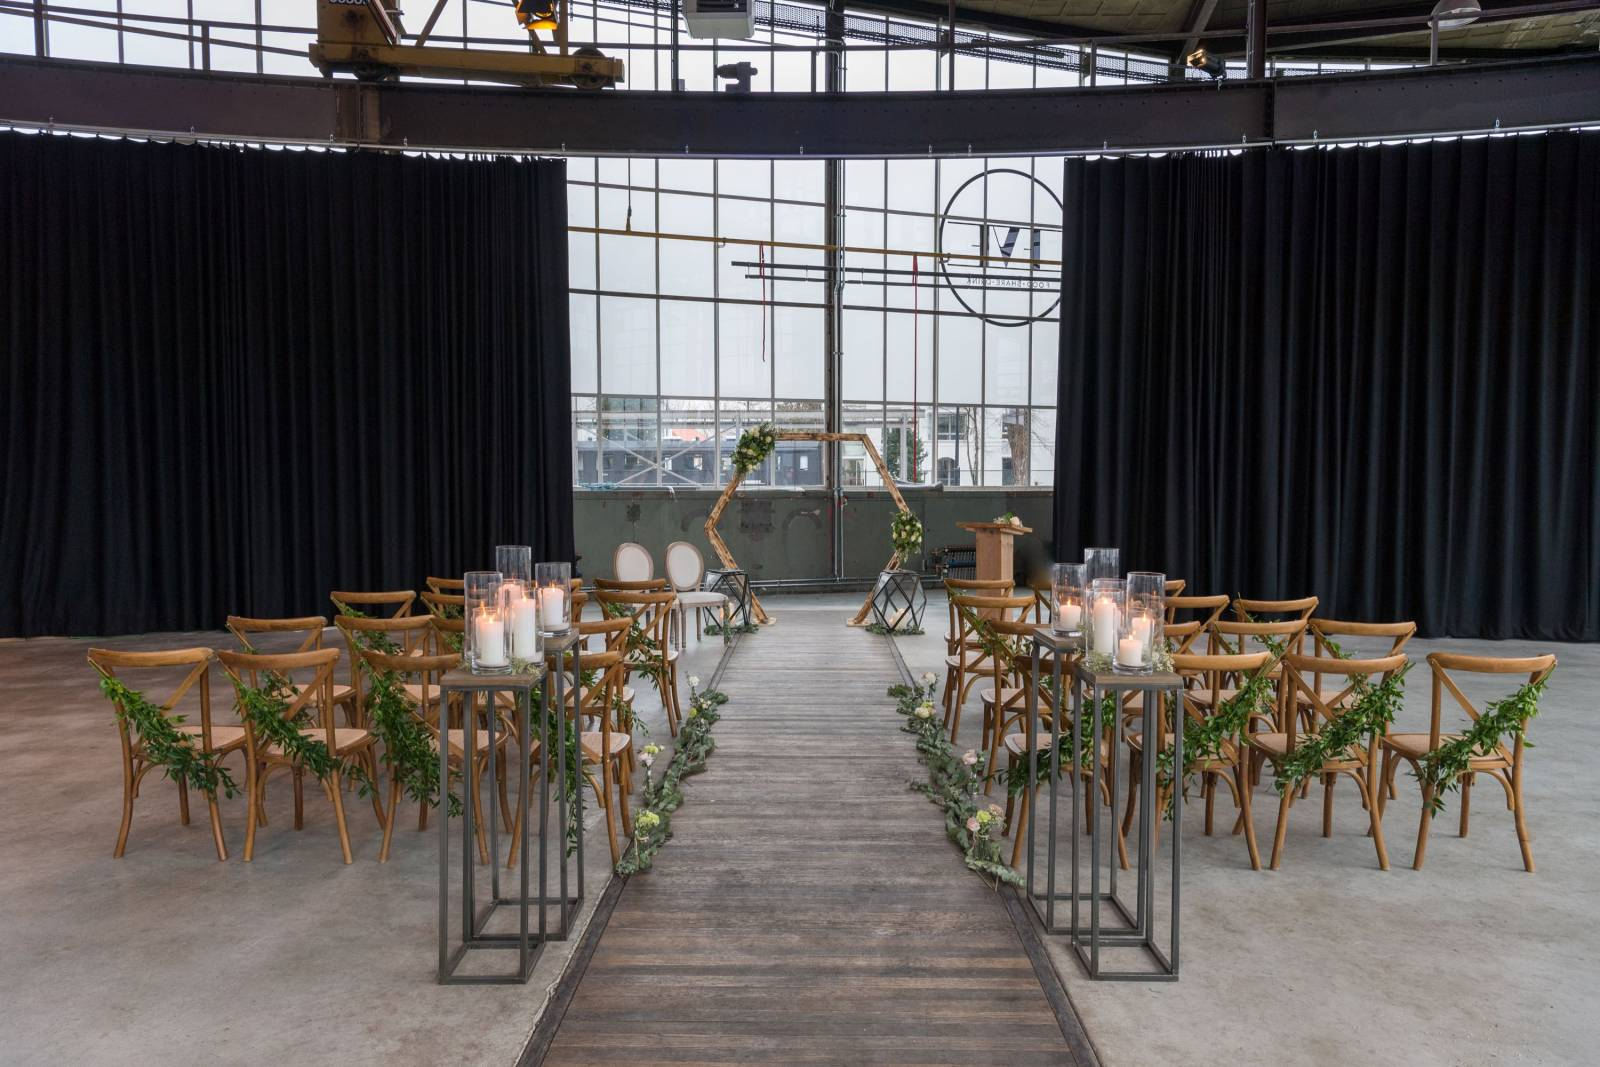 In Style Styling & Decoraties - Trouwdecoratie - Verhuurbedrijf - Wedding Design - House of Weddings - 16